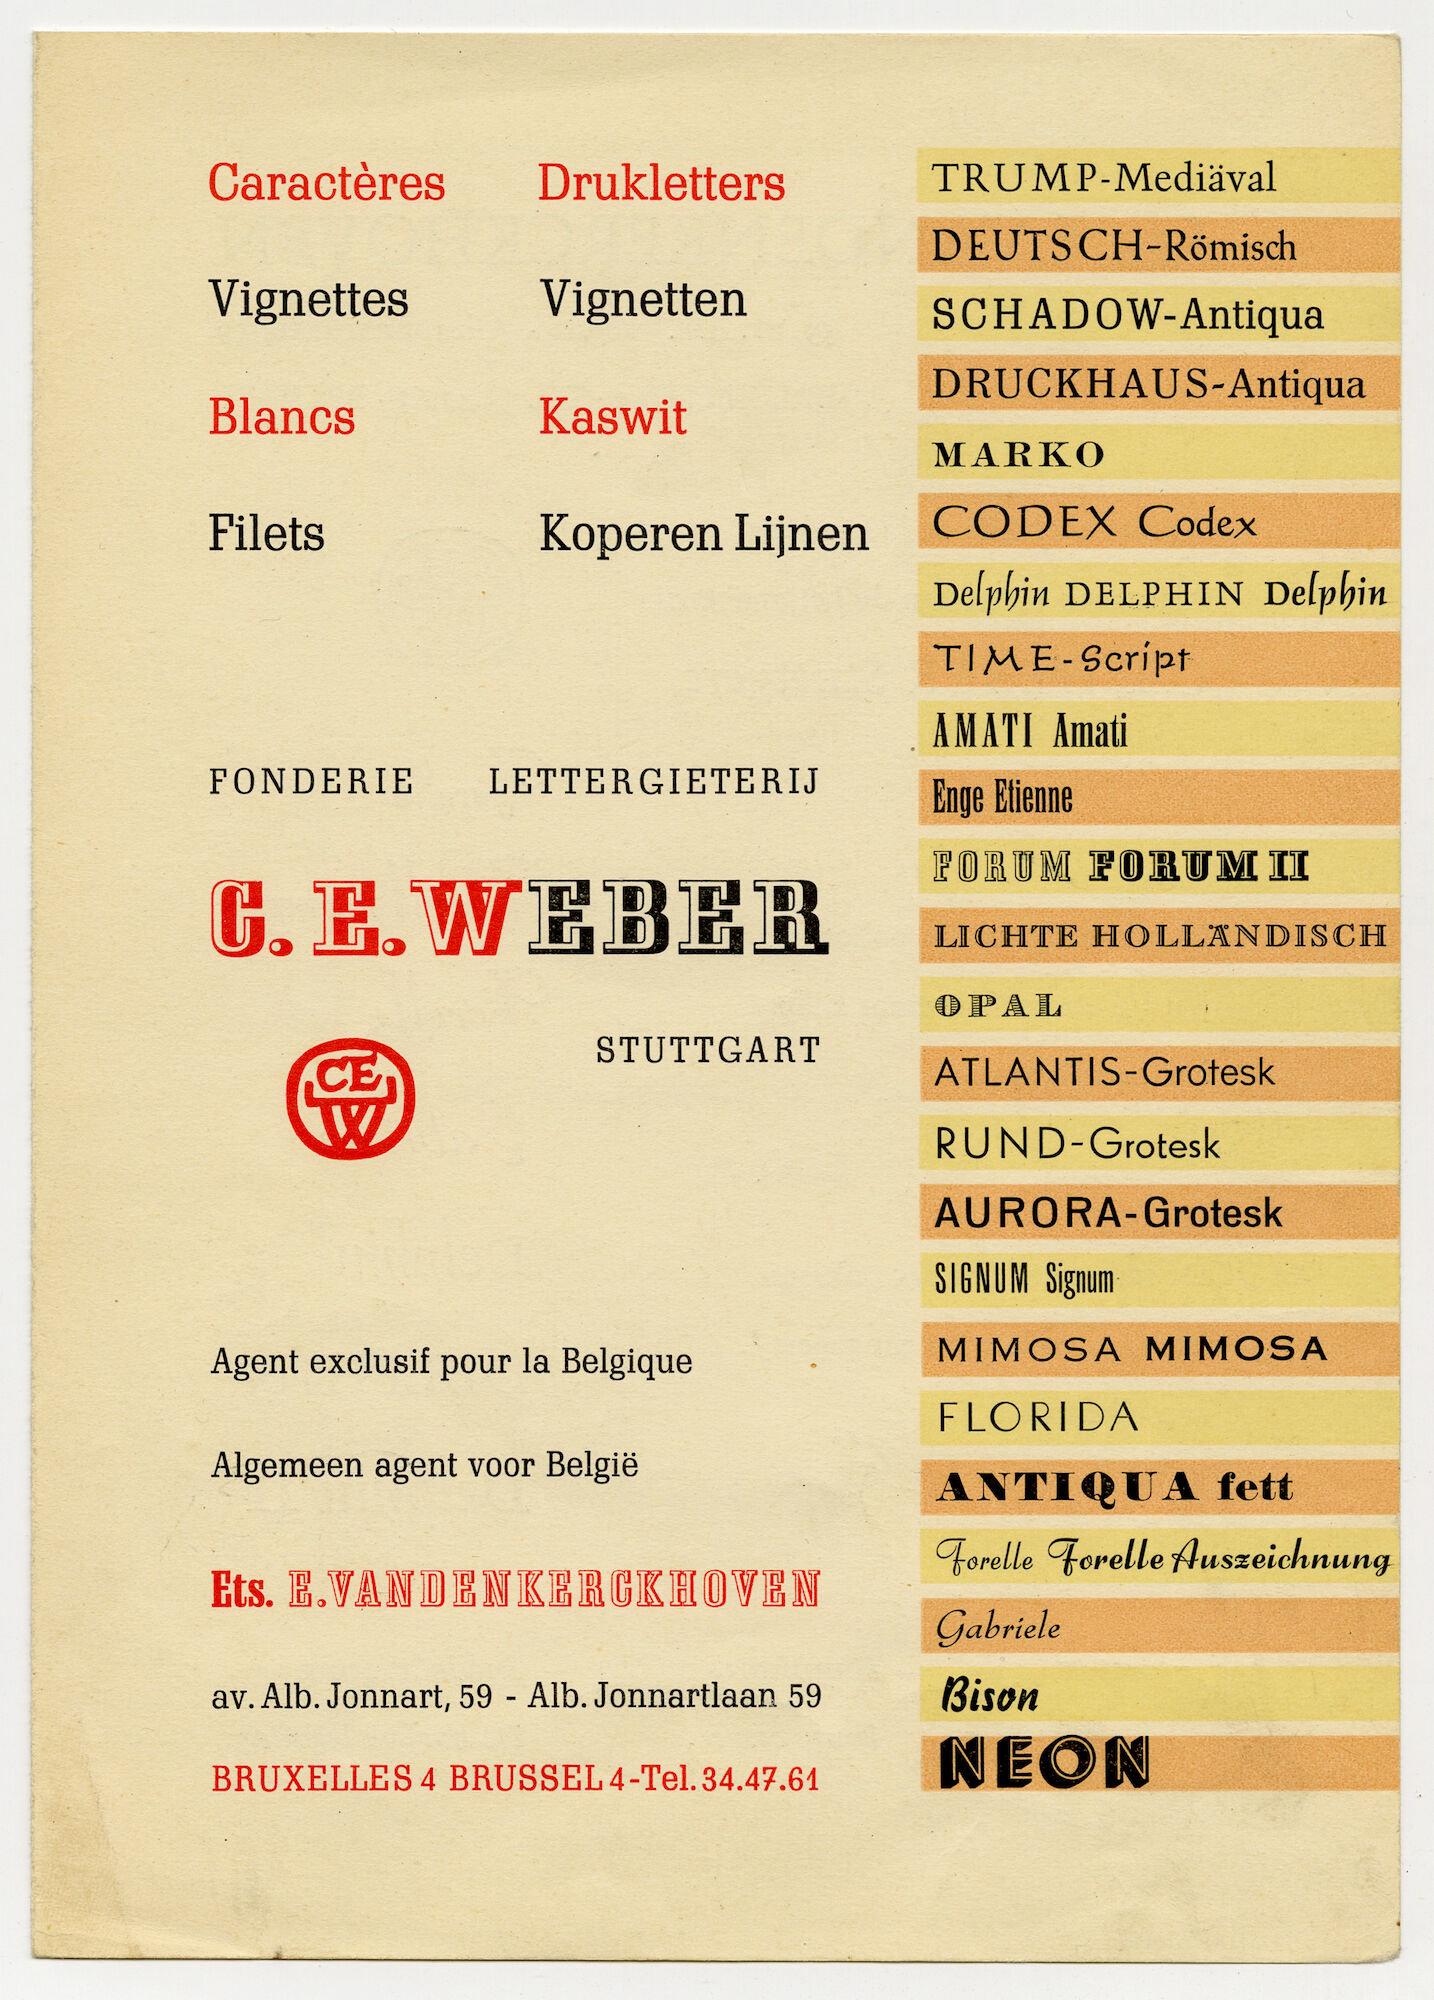 Reclame van Ets. E. Vandenkerckhoven voor letters van C.E. Weber